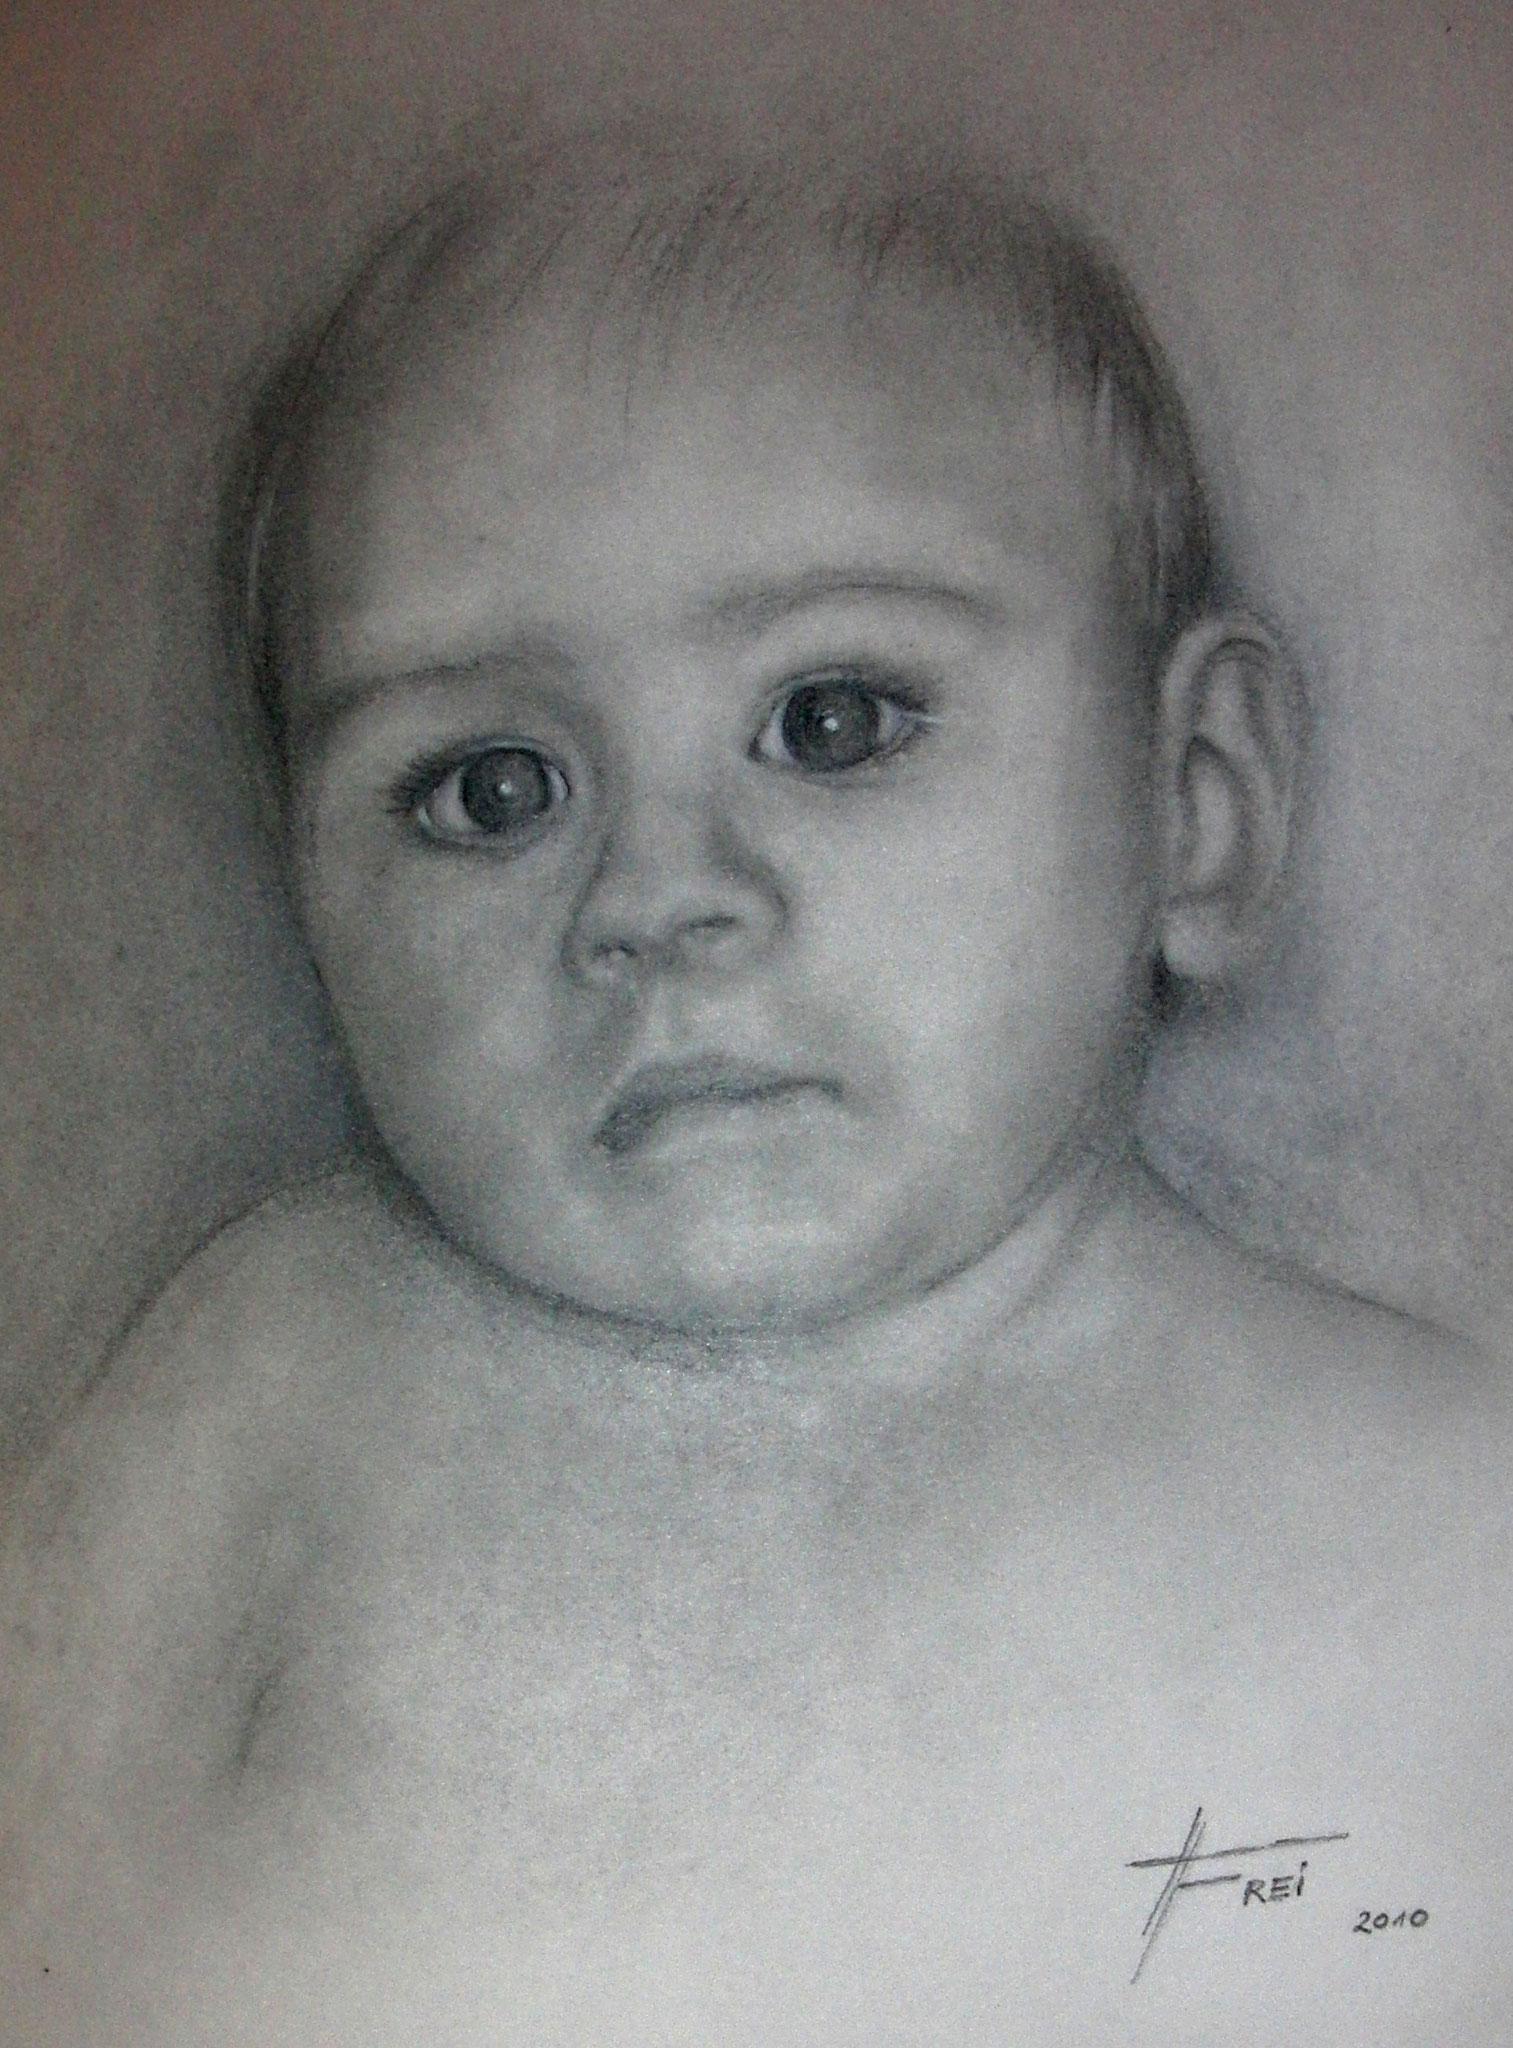 ART HFrei - Leo - Graphit-Pulver